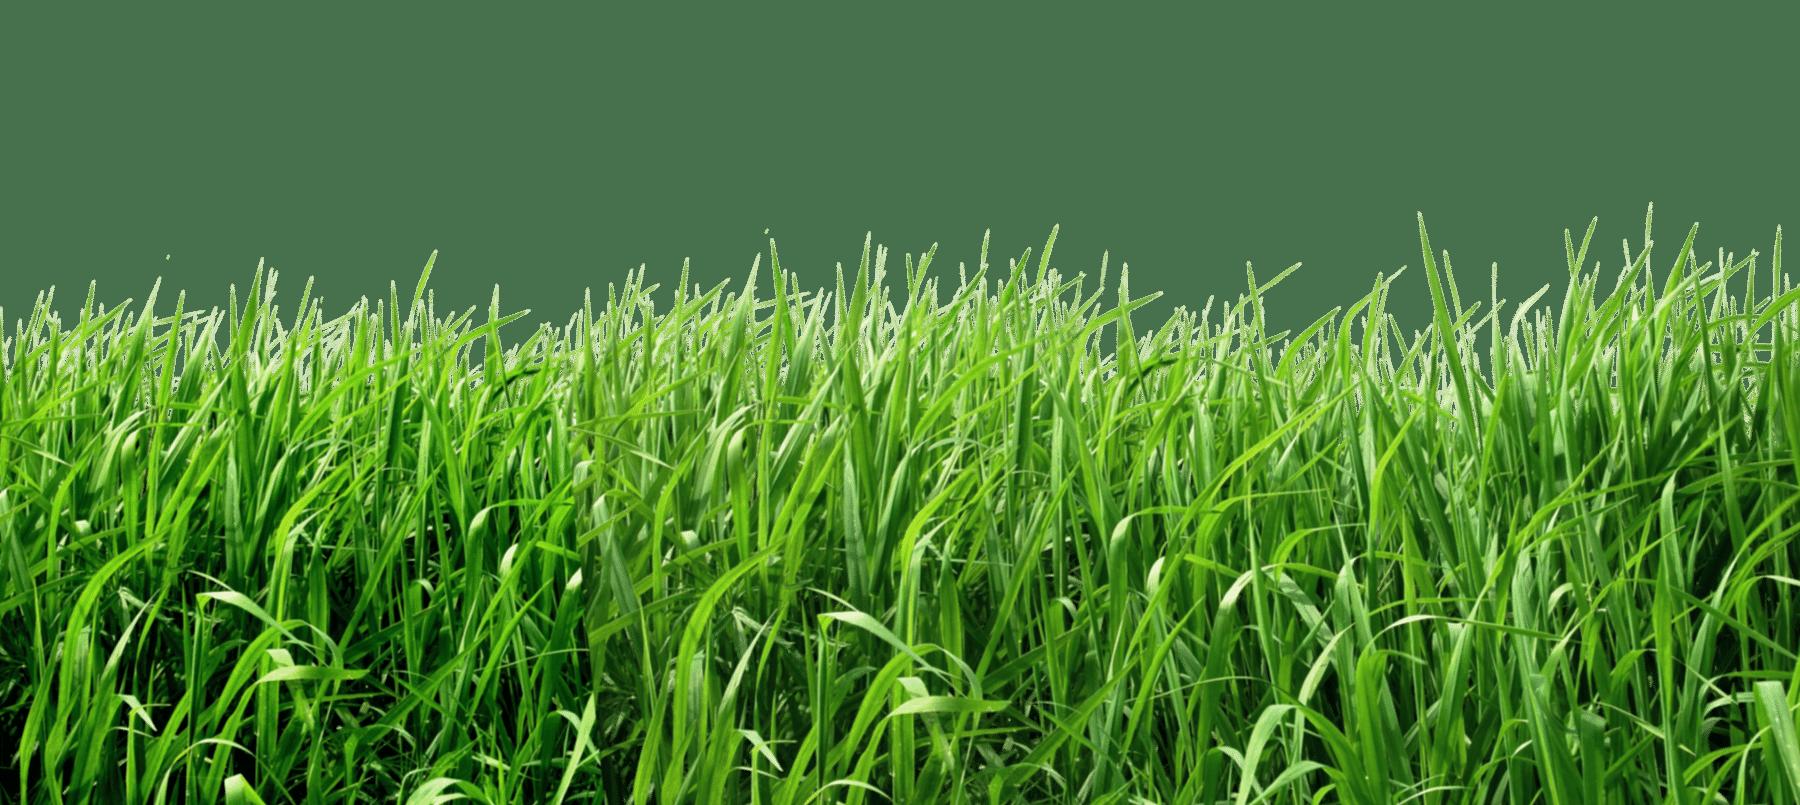 PNGPIX COM Grass PNG Transparent Image 2